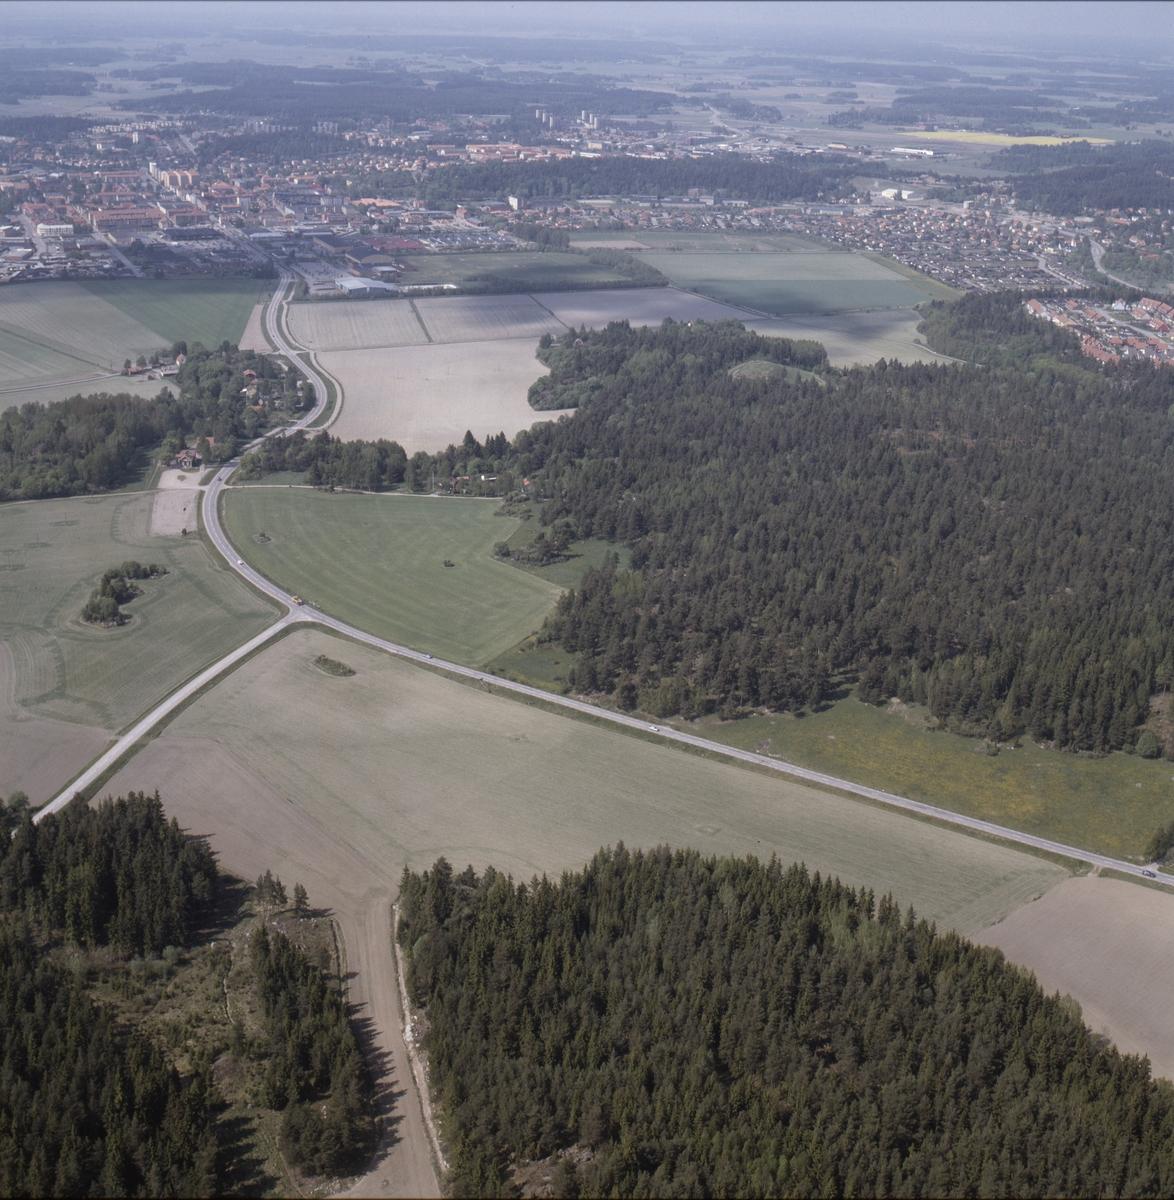 Vy över Klista och Husberg mot Enköping, Uppland, juni 1989